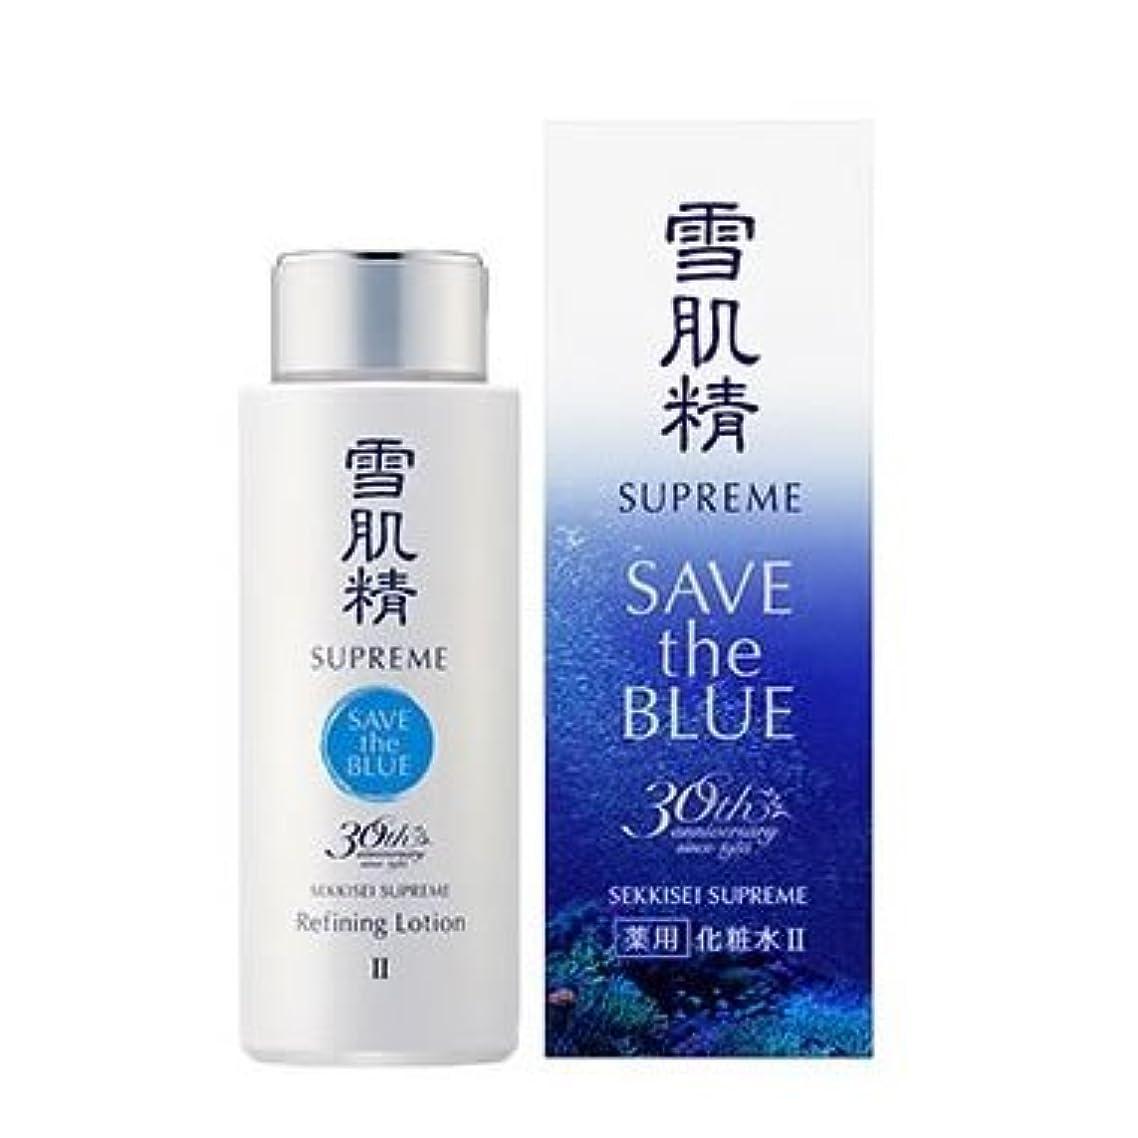 同化苦シェードコーセー 雪肌精シュープレム 化粧水 II 400ml 限定ボトル SAVE the BLUE 30th Anniversary [並行輸入品]